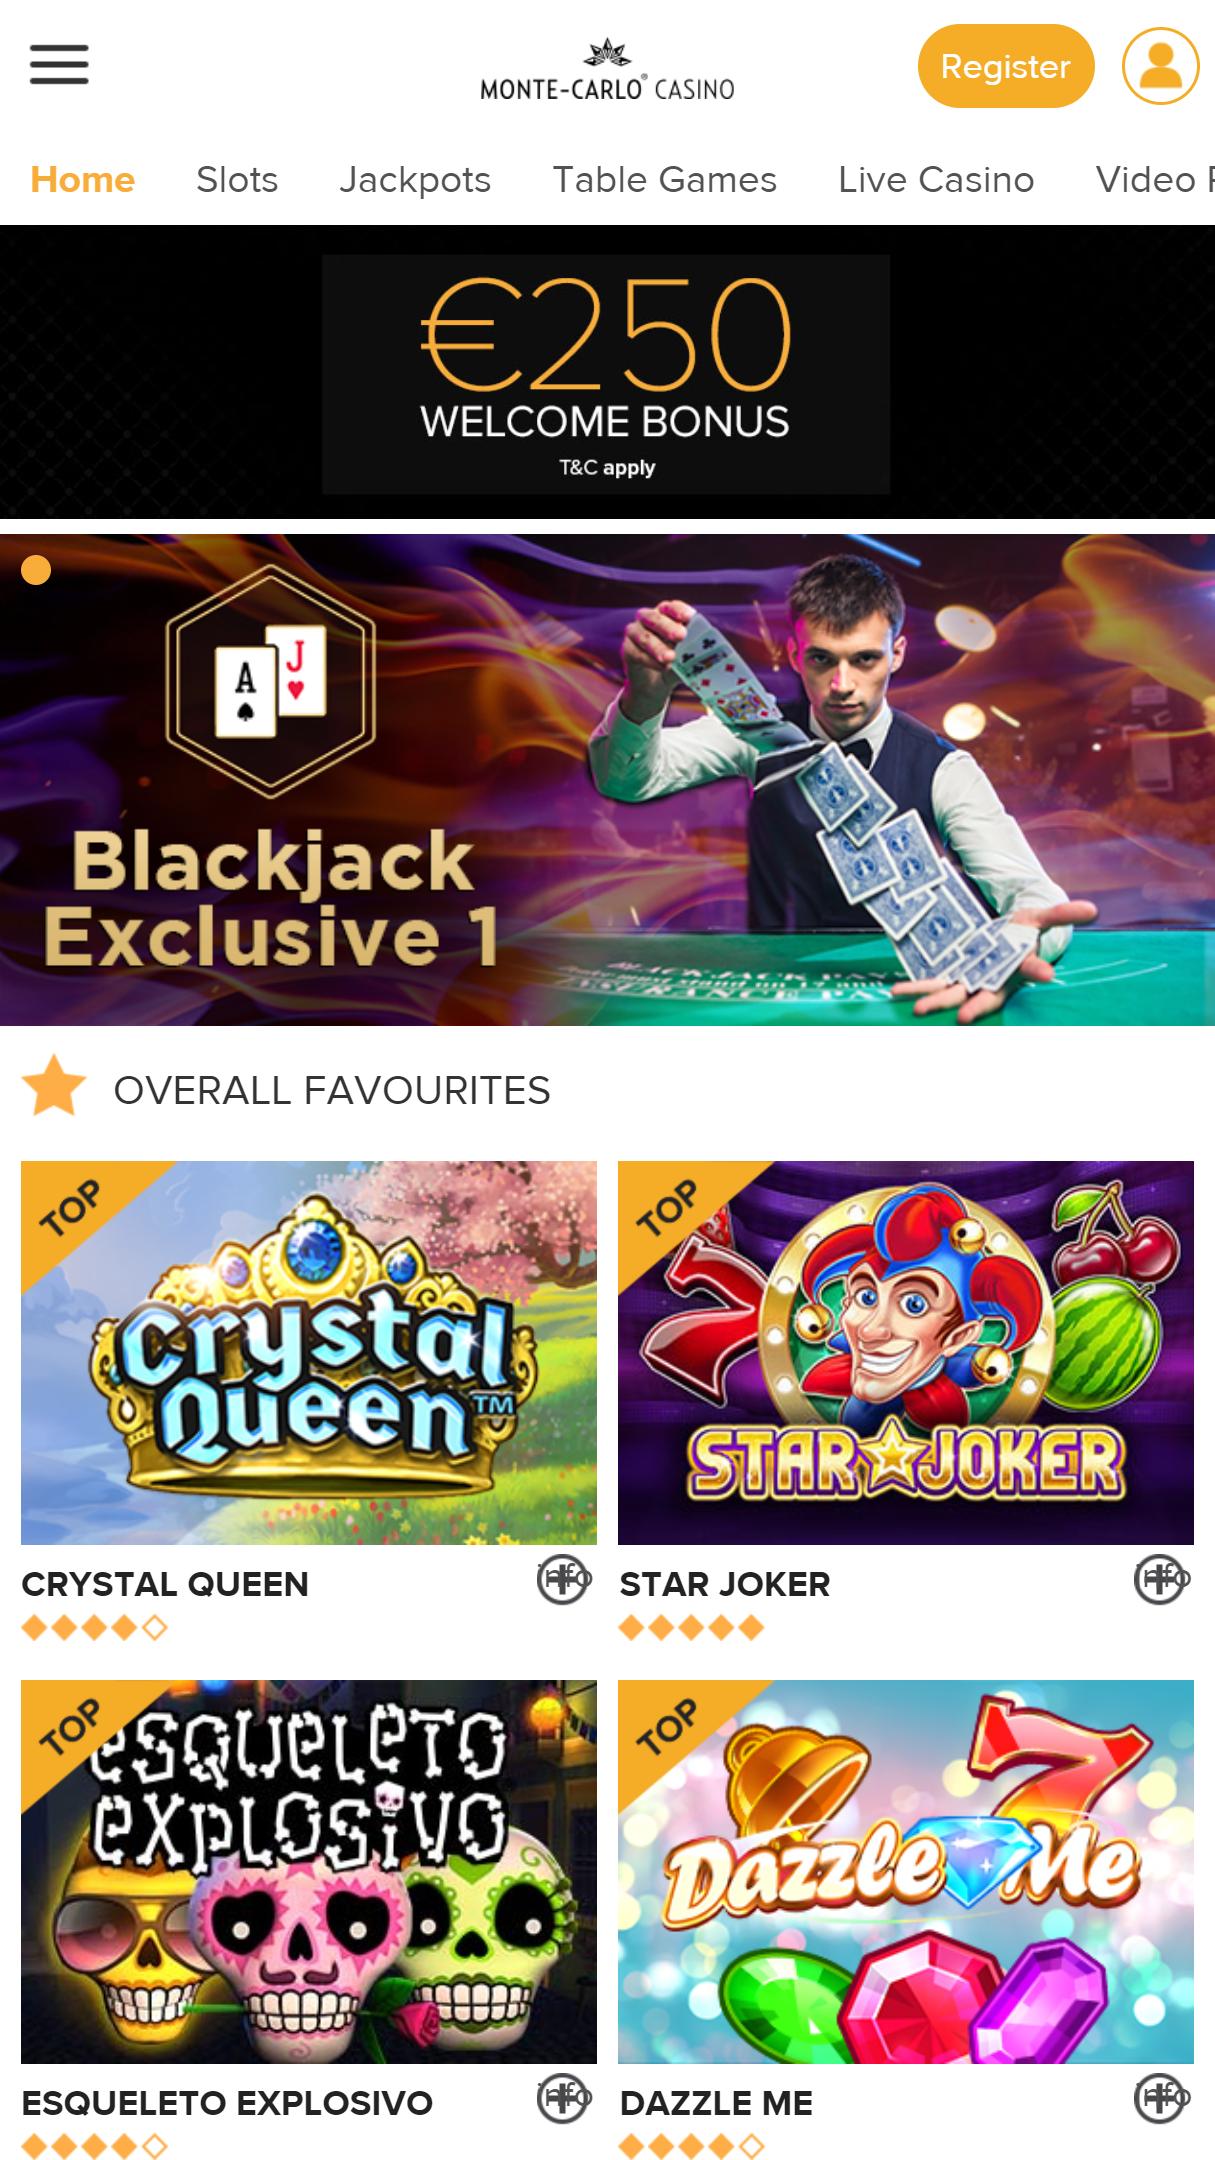 Monte-Carlo Casino App Homepage